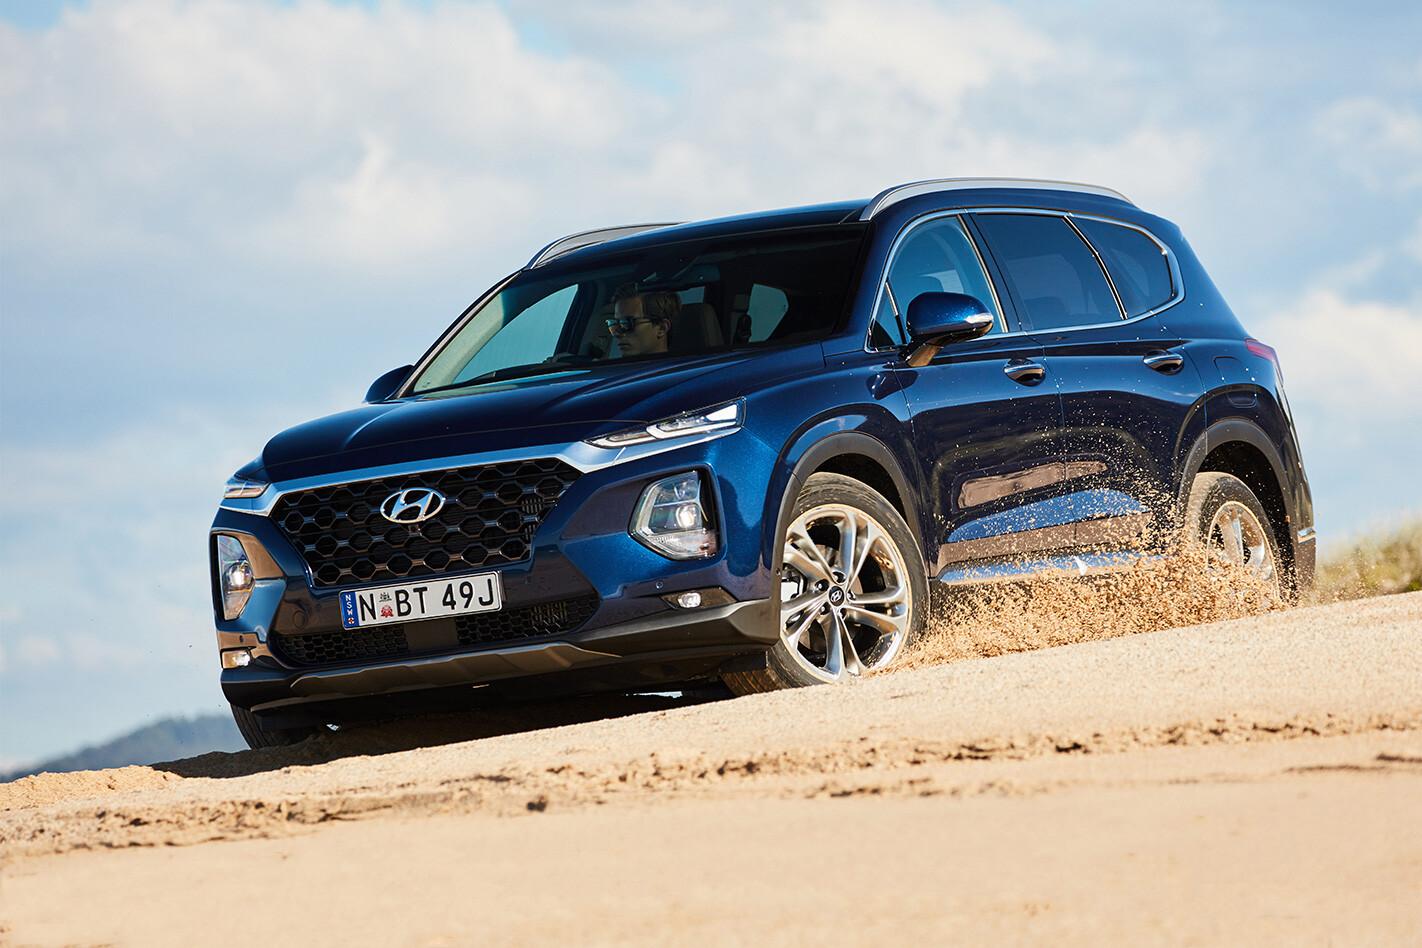 Hyundai Santa Fe Sand Jpg